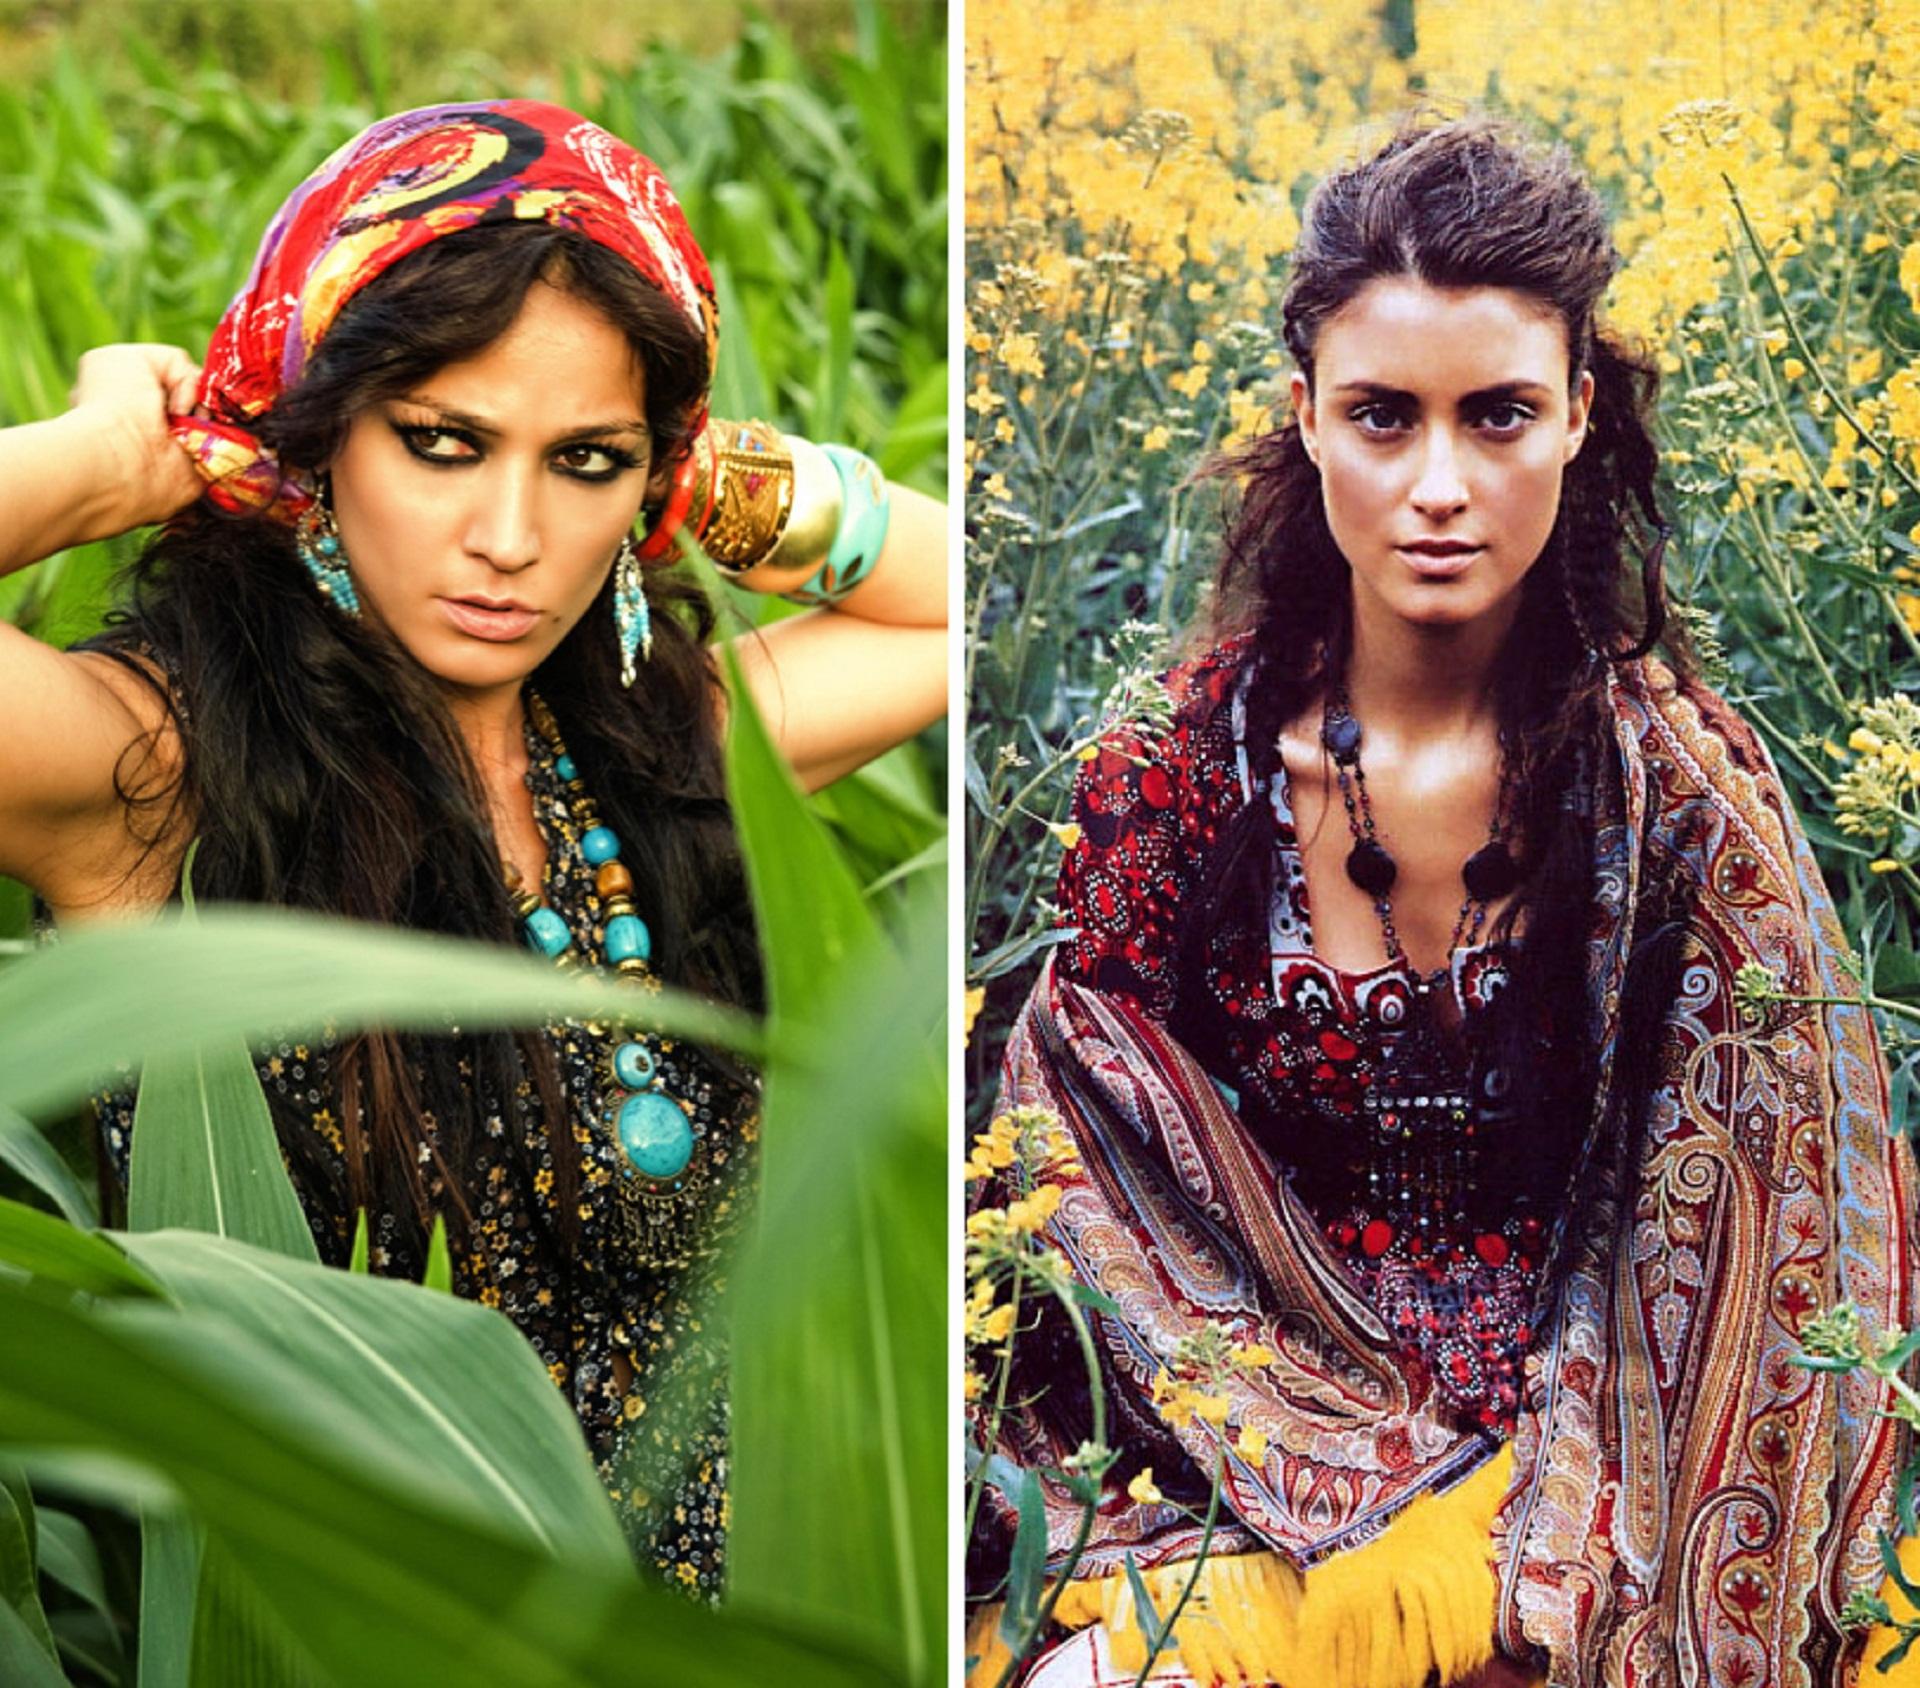 Цыганский стиль в одежде  дух странствий   Портал Обучения и ... 103c0b8509d